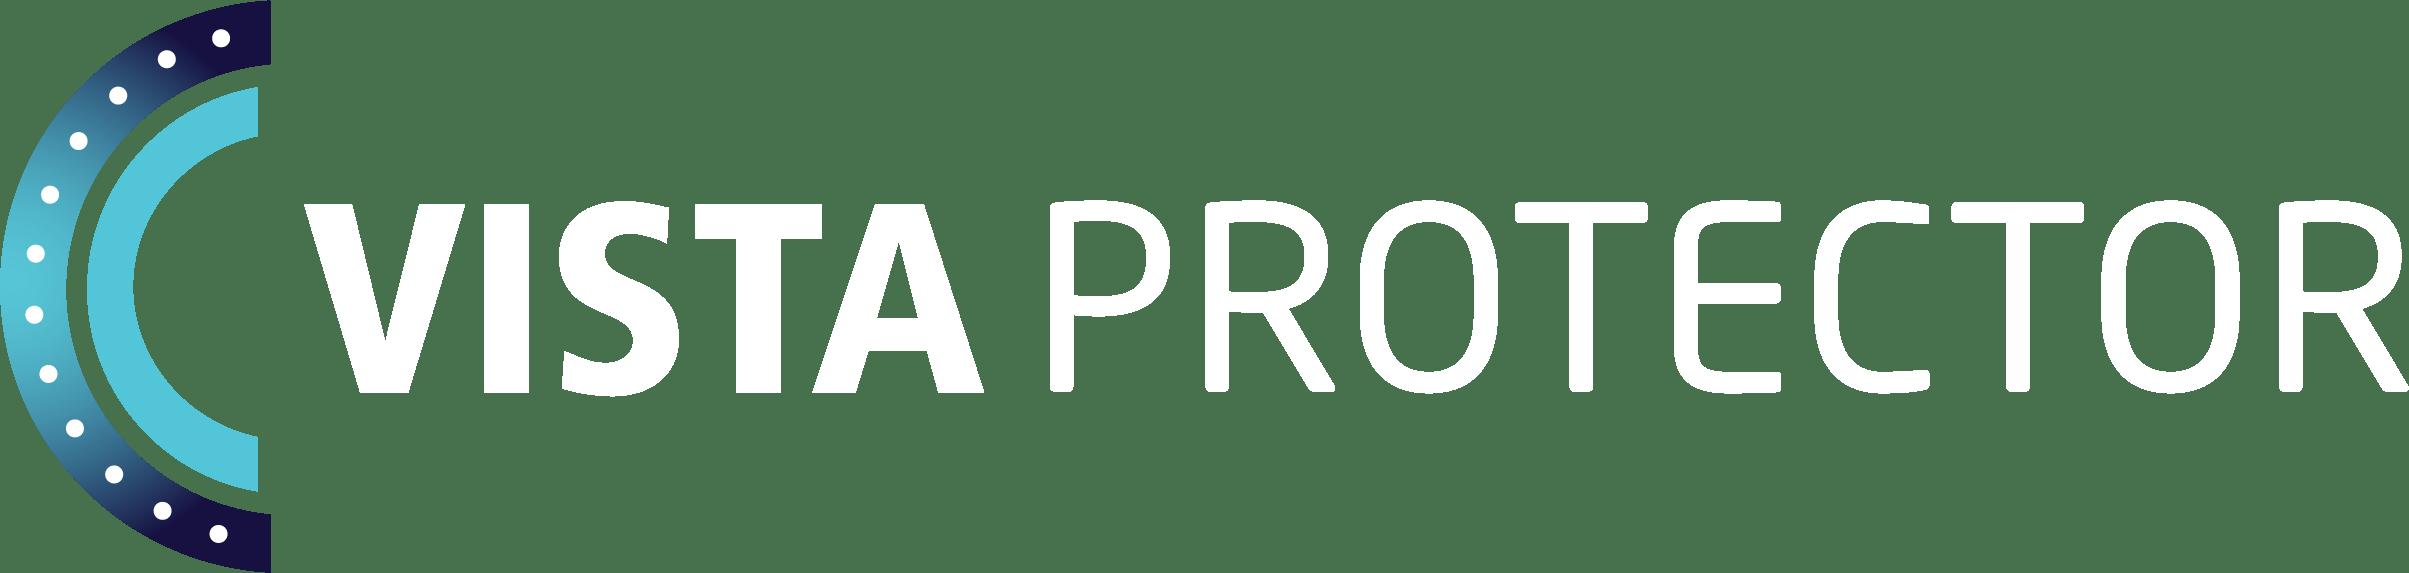 vistaprotector.nl